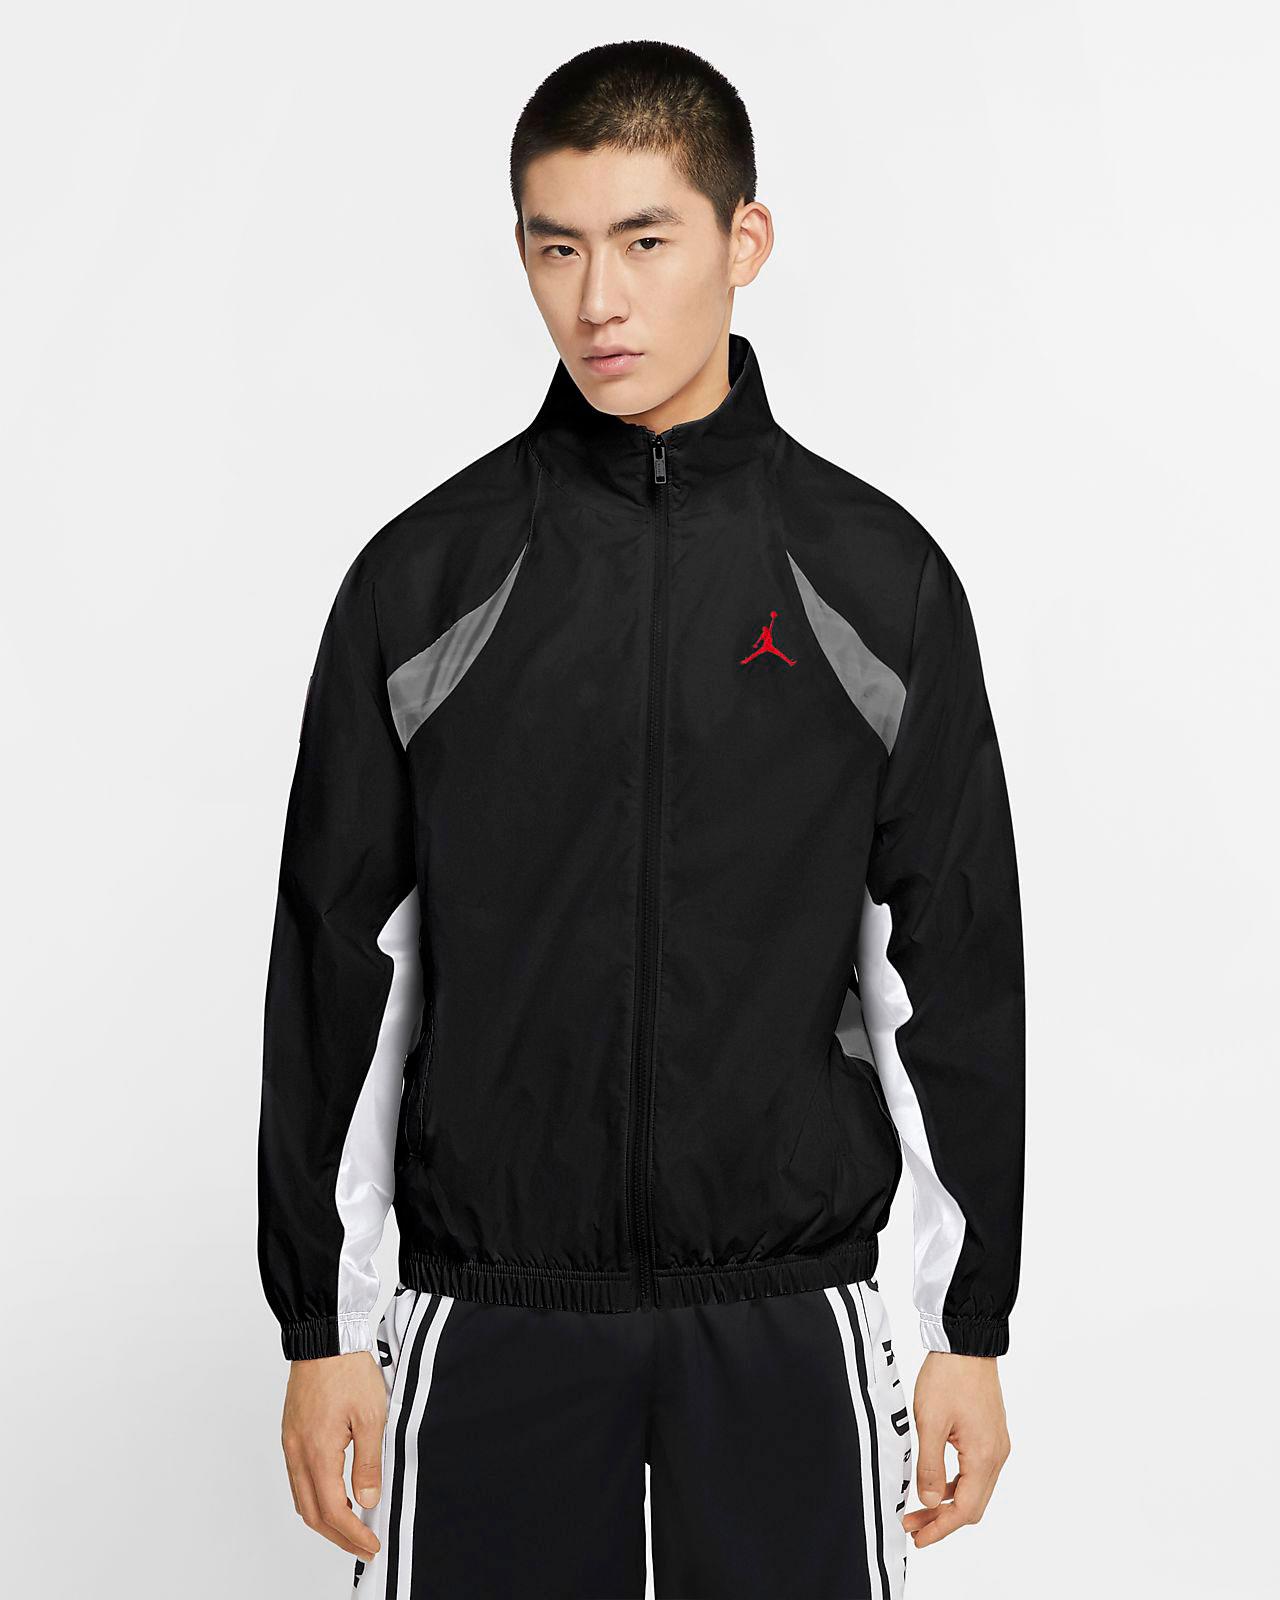 air-jordan-11-low-ie-black-cement-jacket-match-1